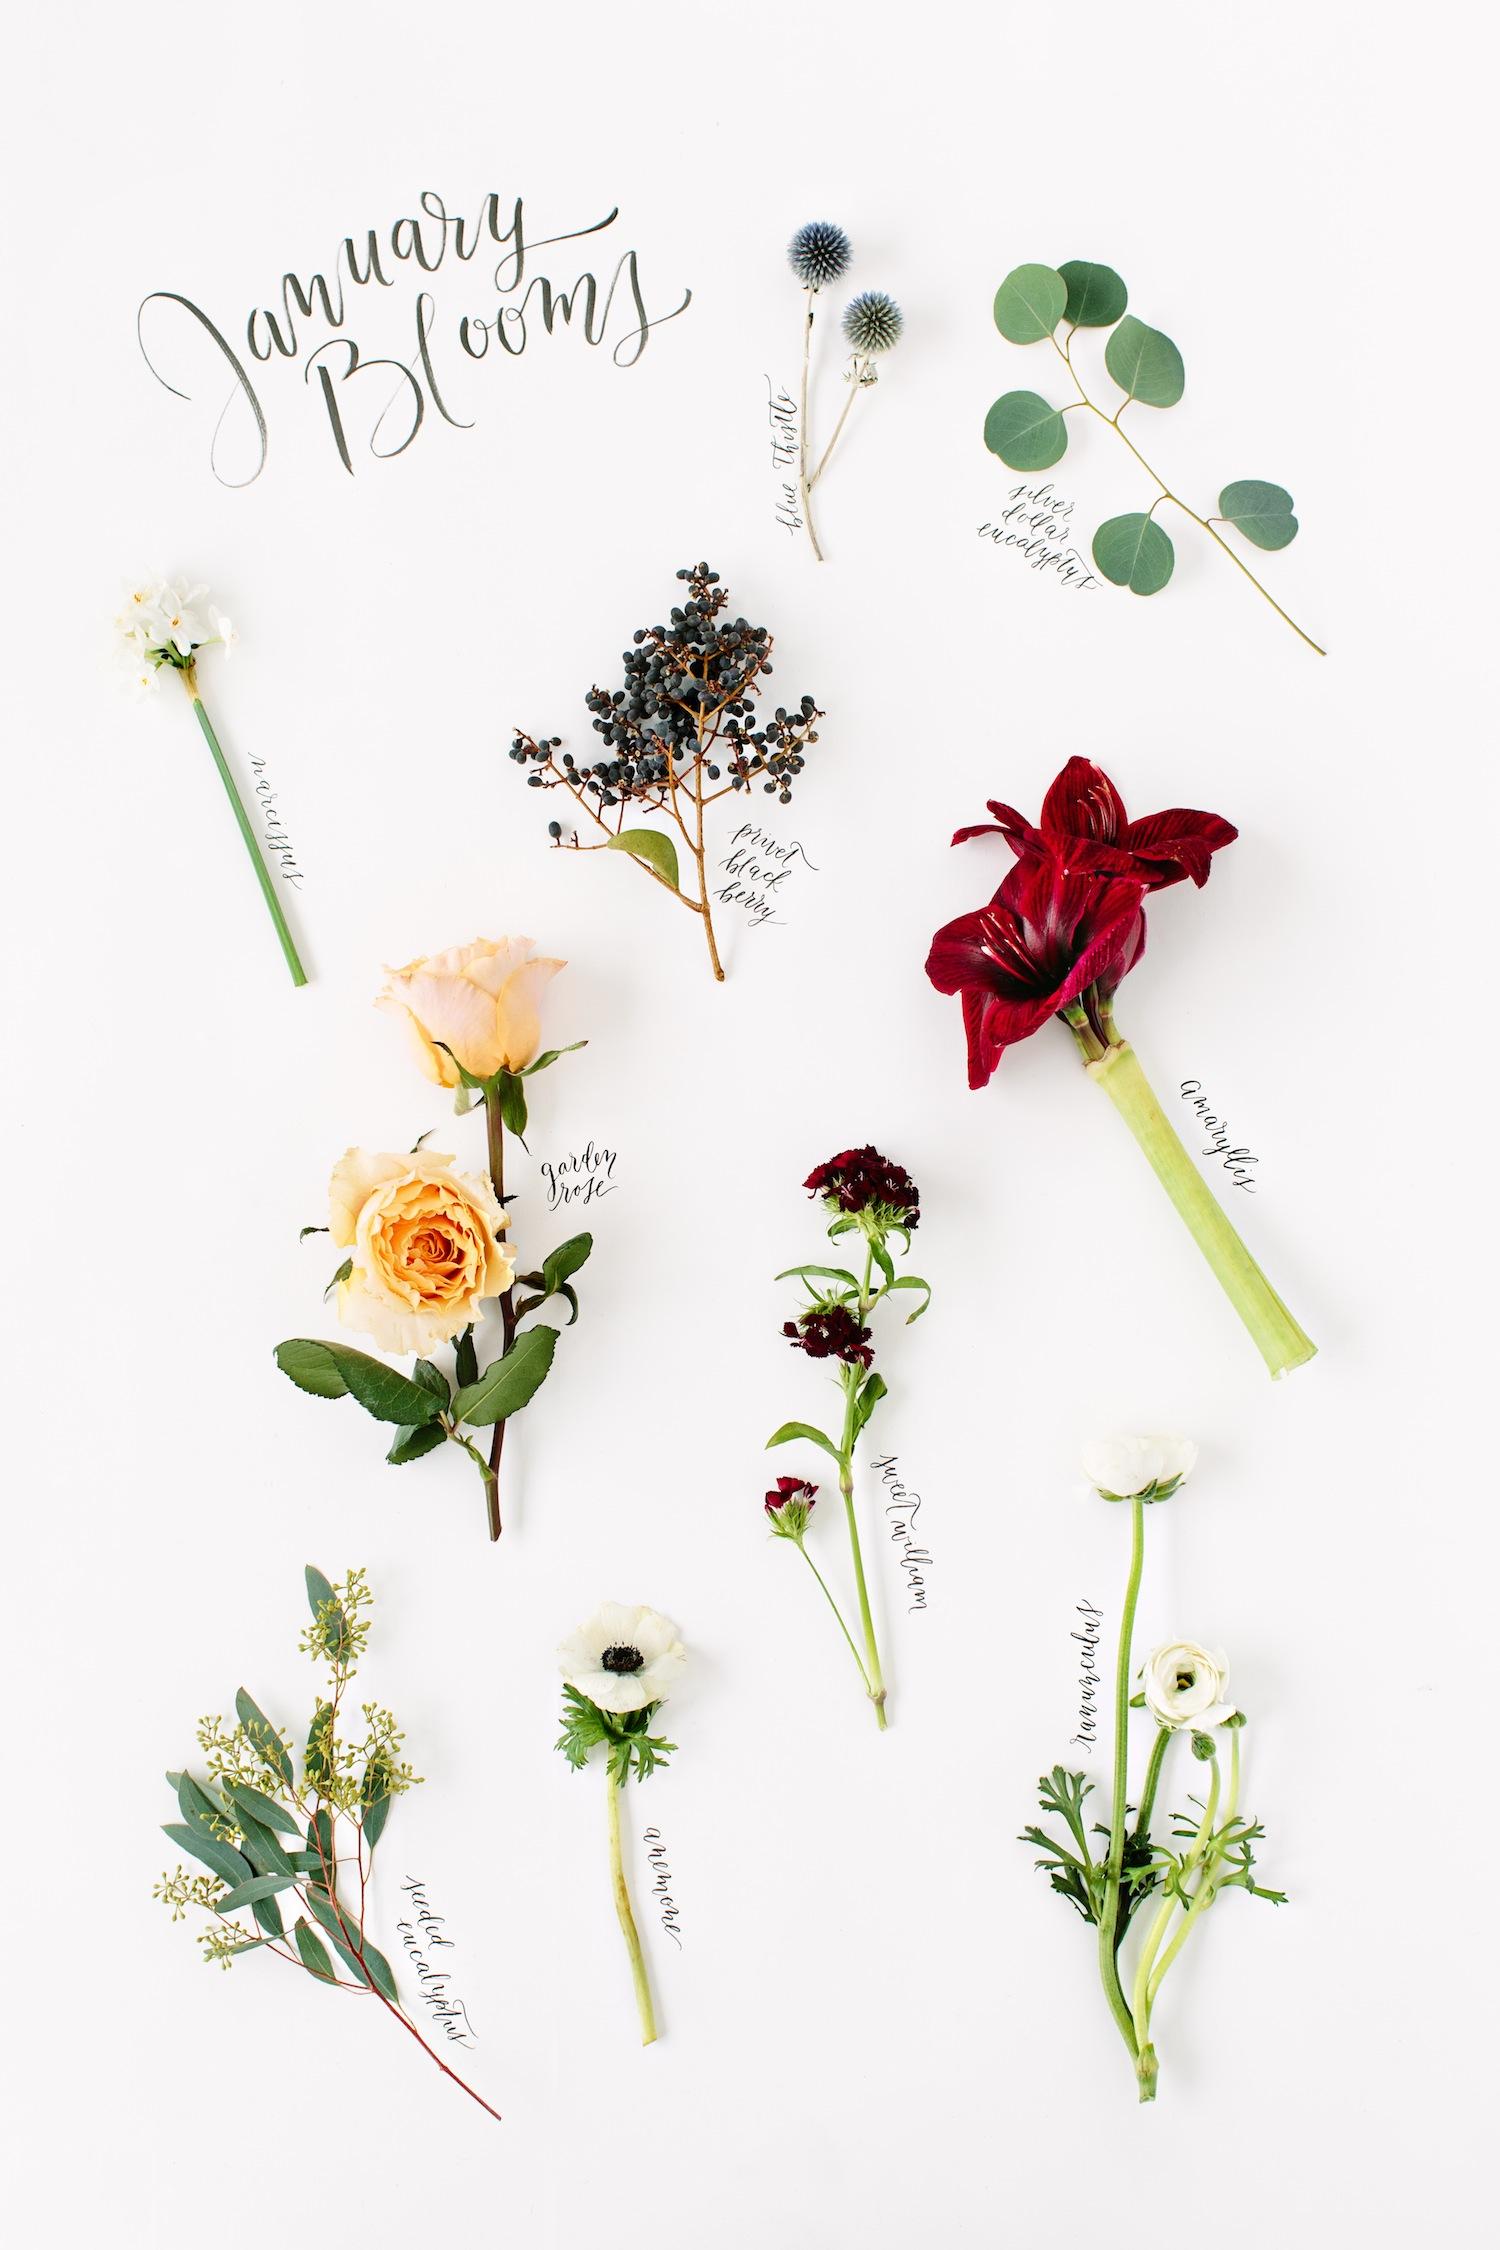 flowers-in-bloom-in-january-2